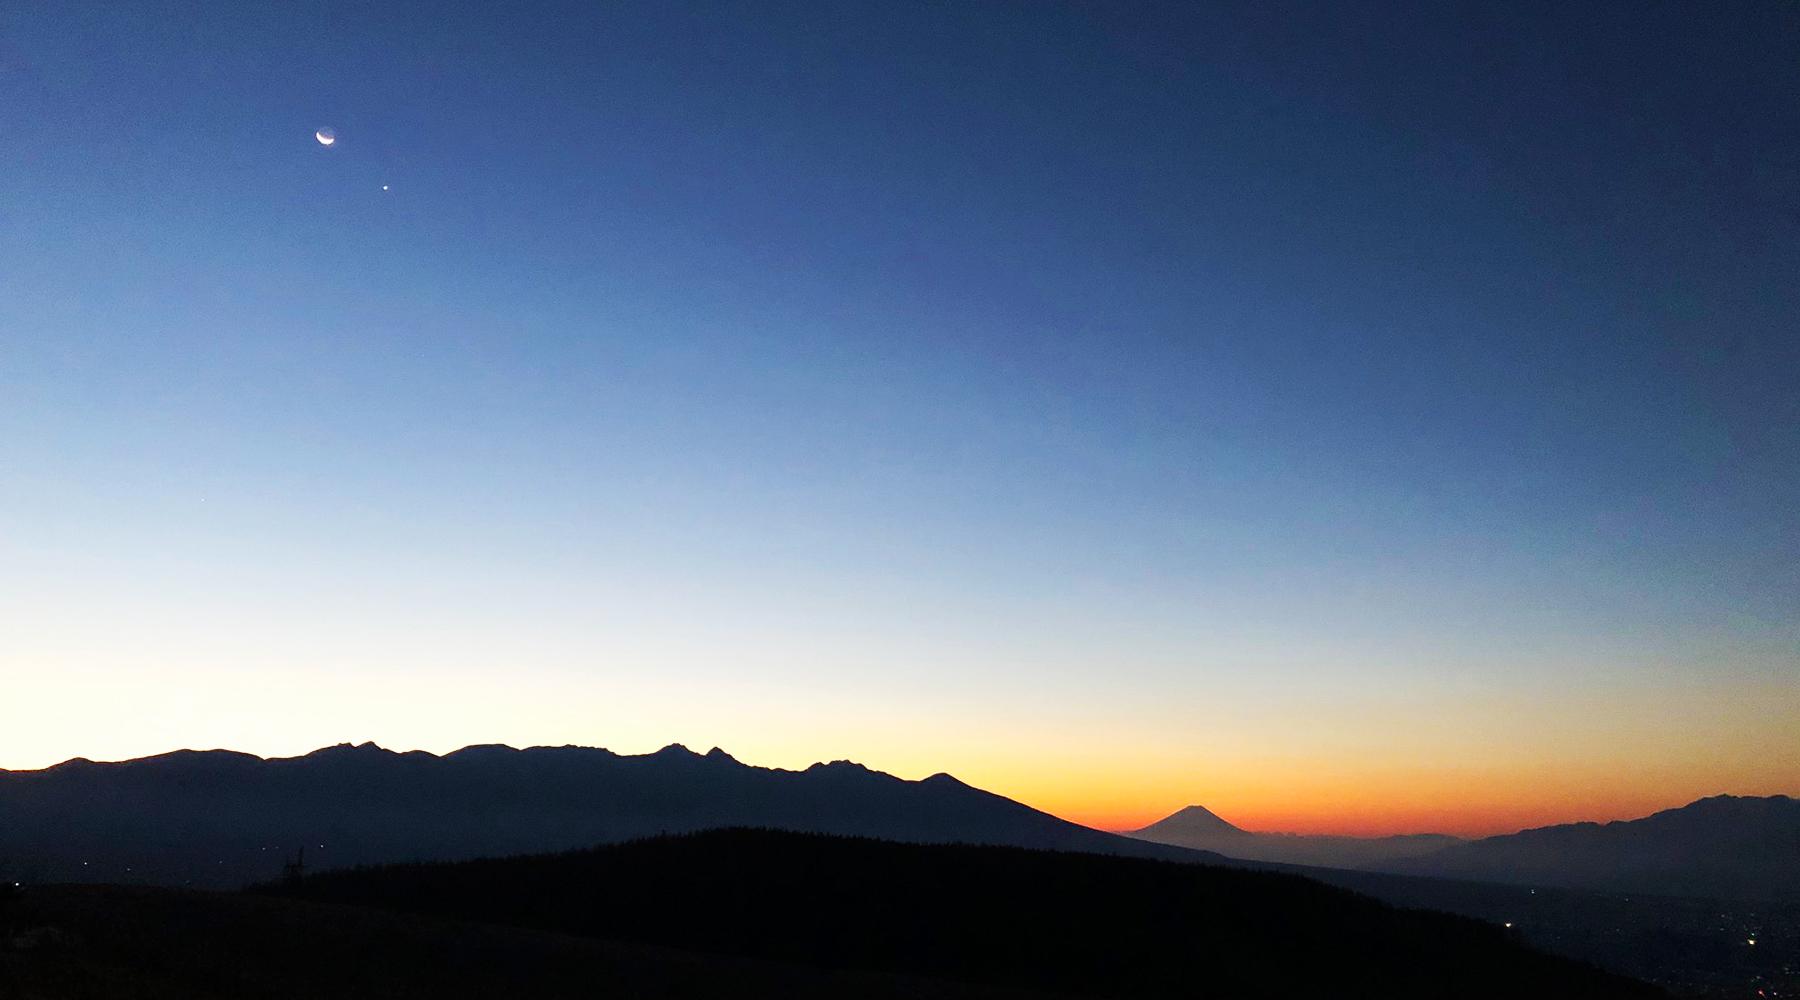 朝焼けの中、霧ヶ峰から見た富士山と八ヶ岳